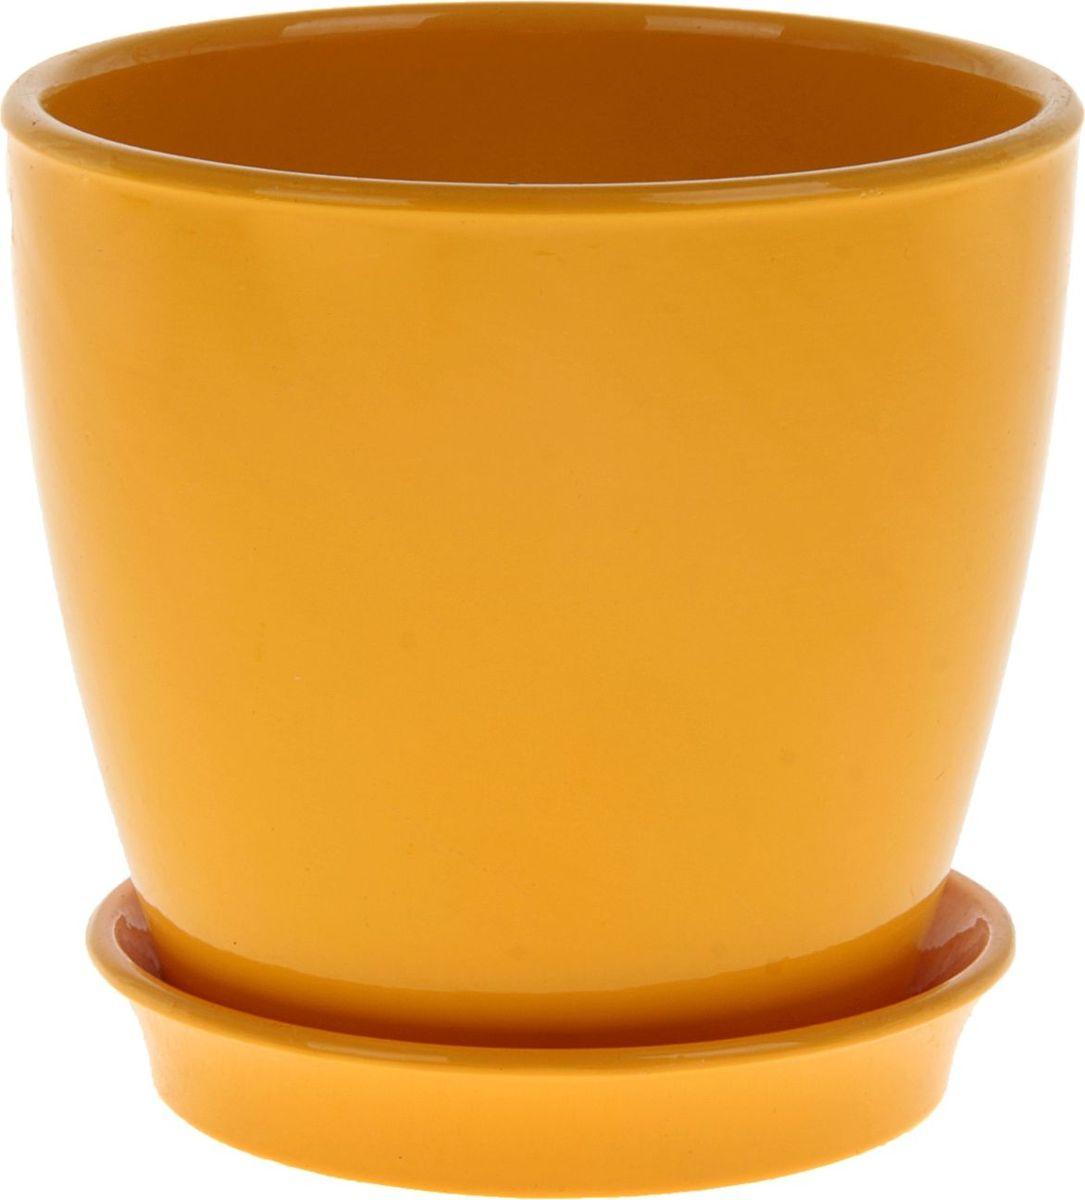 Кашпо Керамика ручной работы Виктория, цвет: желтый, 1 л825110Кашпо серии «Каменный цветок» выполнено из белой глины методом формовки и покрыто лаком. Керамическая ёмкость имеет объём, оптимальный для создания наилучших условий развития большинства растений.Устойчивый глубокий поддон защитит поверхность стола или подставки от жидкости.Благодаря строгим стандартам производства изделия отличаются правильной формой, отсутствием дефектов, имеют достаточную тяжесть для надёжной фиксации конструкции.Окраска моделей не восприимчива к прямым солнечным лучам, а в цветовой гамме преобладают яркие и насыщенные оттенки.Красота, удобство и долговечность кашпо серии «Каменный цветок» порадует любителей высококачественных аксессуаров для комнатных растений.